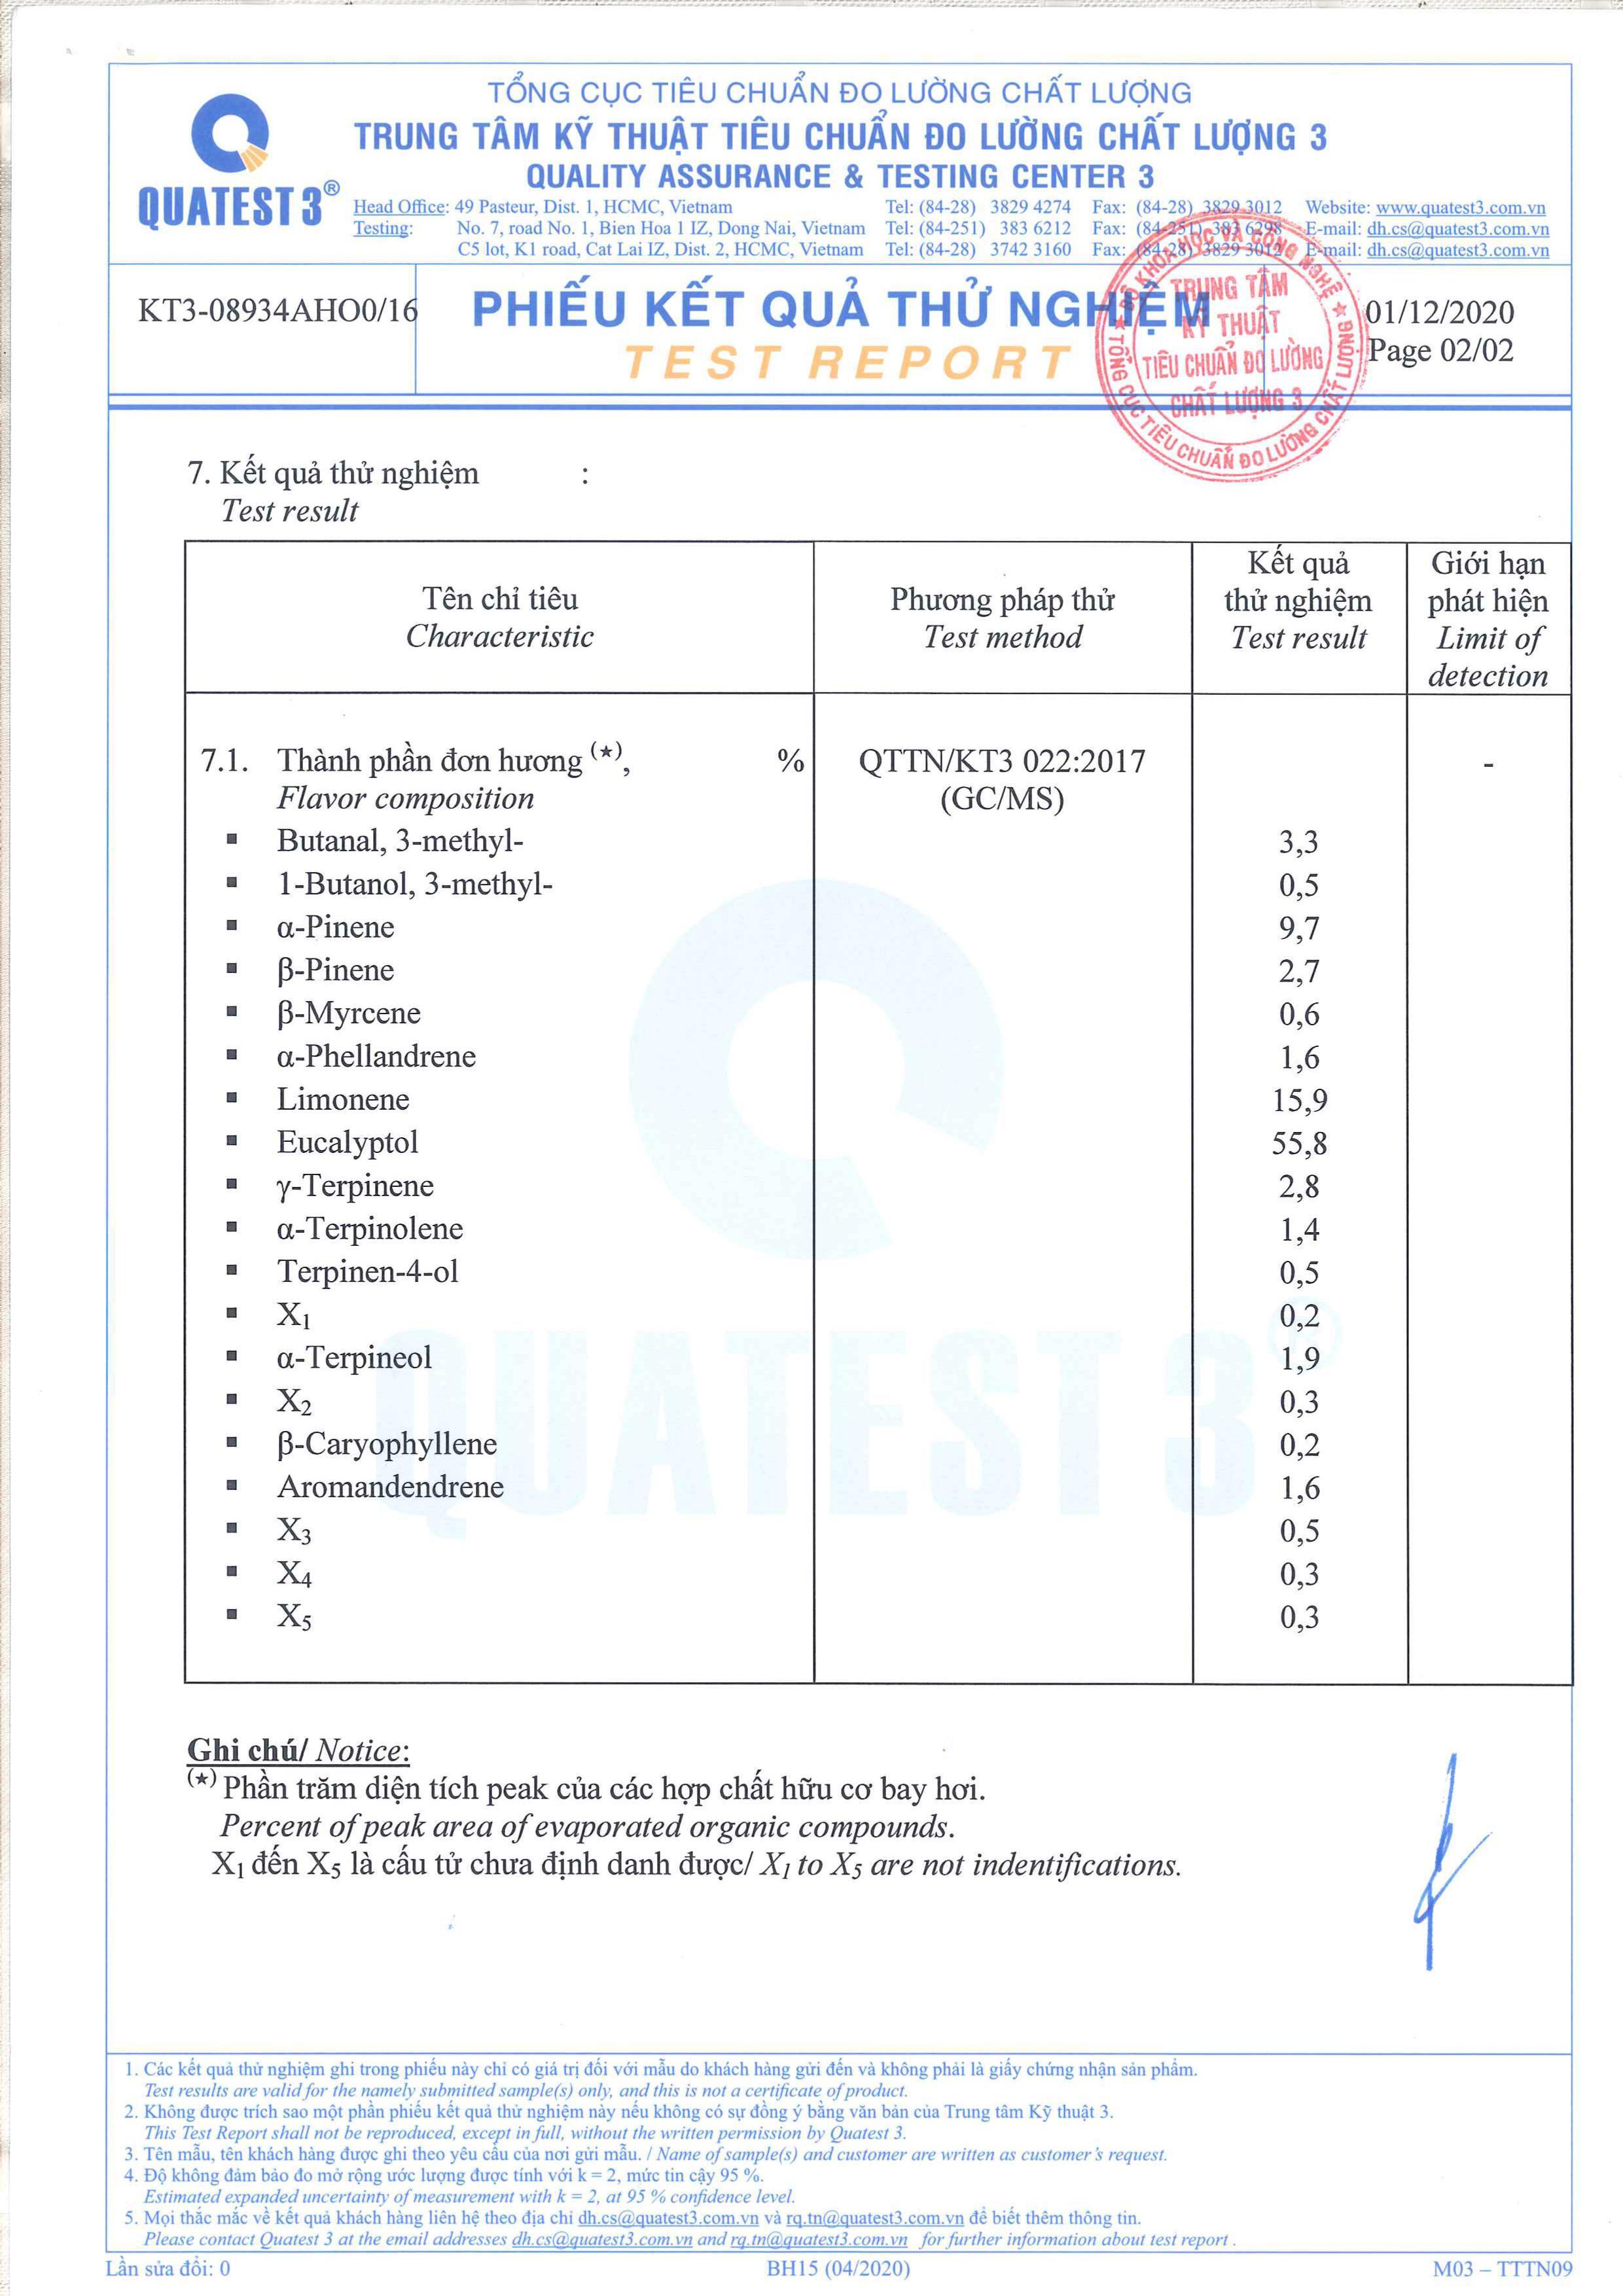 Bản kiểm nghiệm GCMS tinh dầu khuynh diệp Befine 2